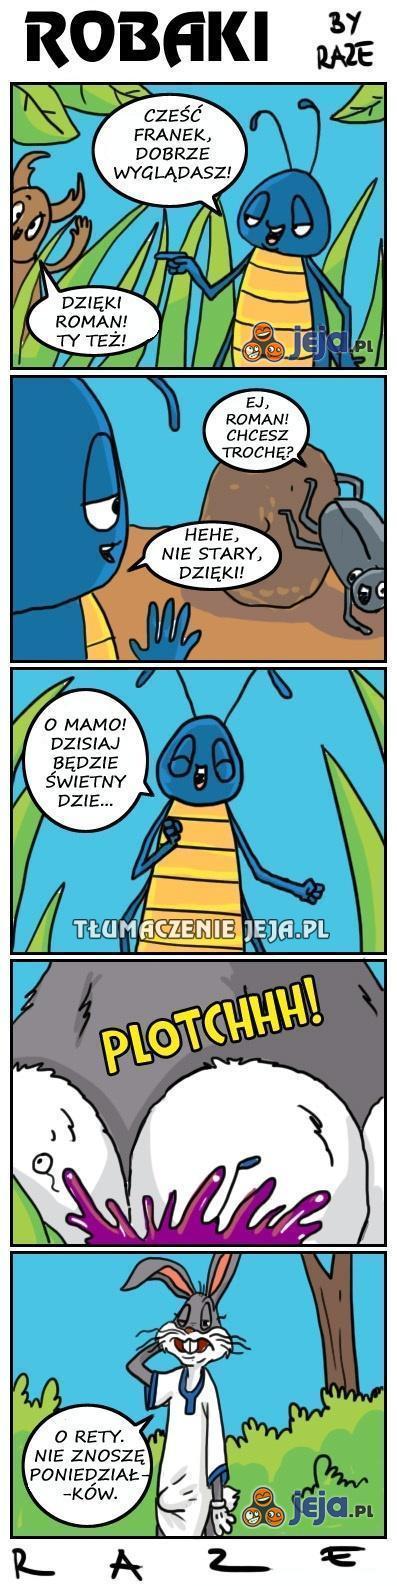 Ciężkie jest życie robaka